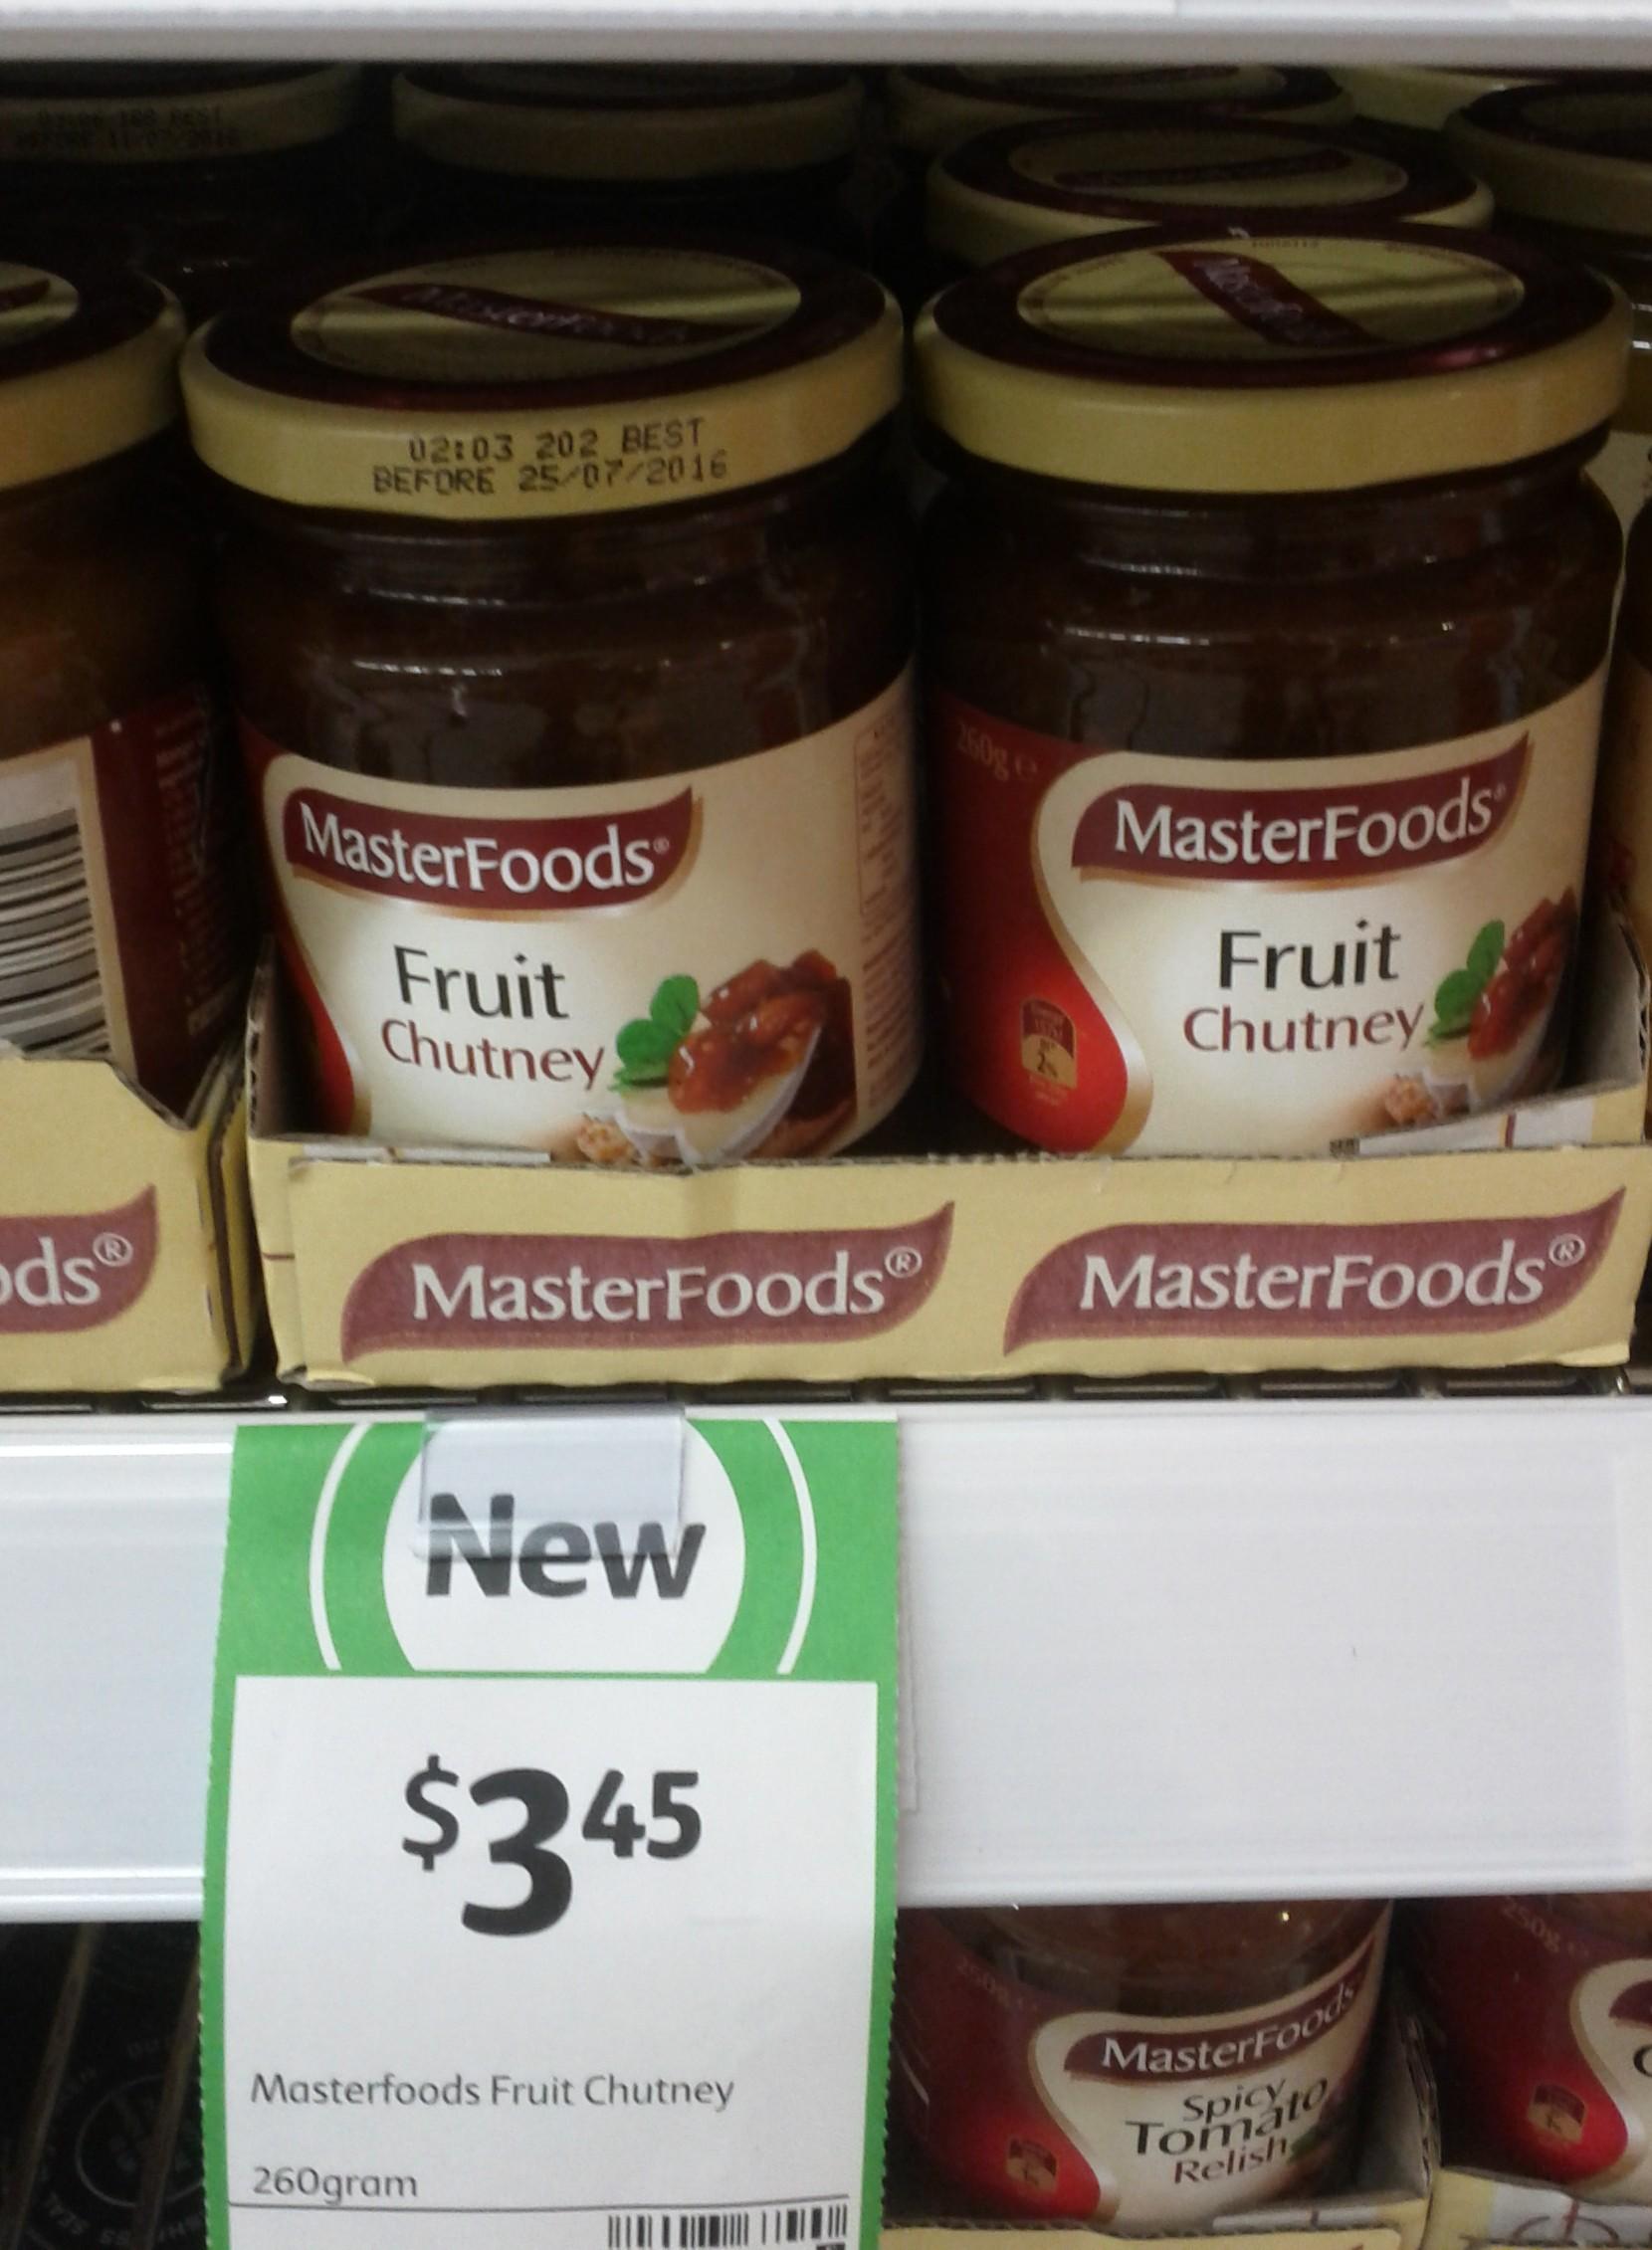 MasterFoods Chutney 260g Fruit